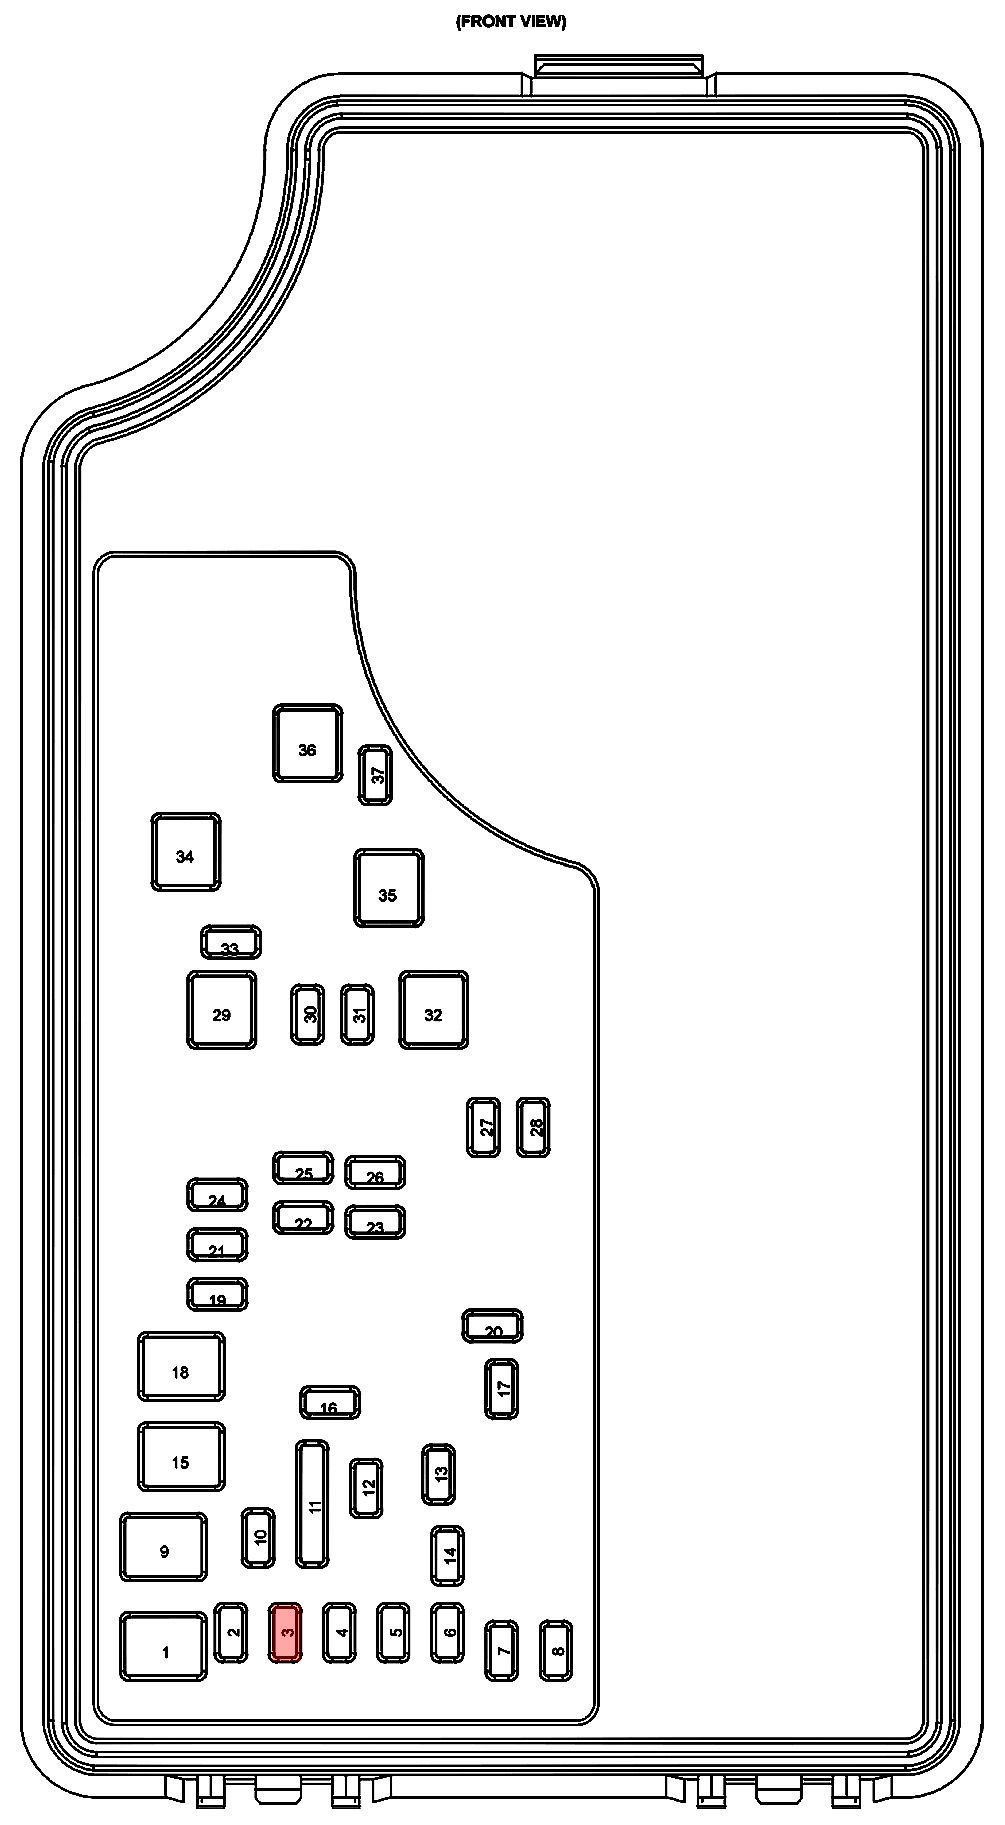 [DIAGRAM_3ER]  SF_4906] Chrysler 300 Fuse Box Diagram On Chrysler Pt Cruiser Engine Diagram  Free Diagram | 2007 Chrysler Aspen Fuse Diagram |  | Stica Trons Mohammedshrine Librar Wiring 101